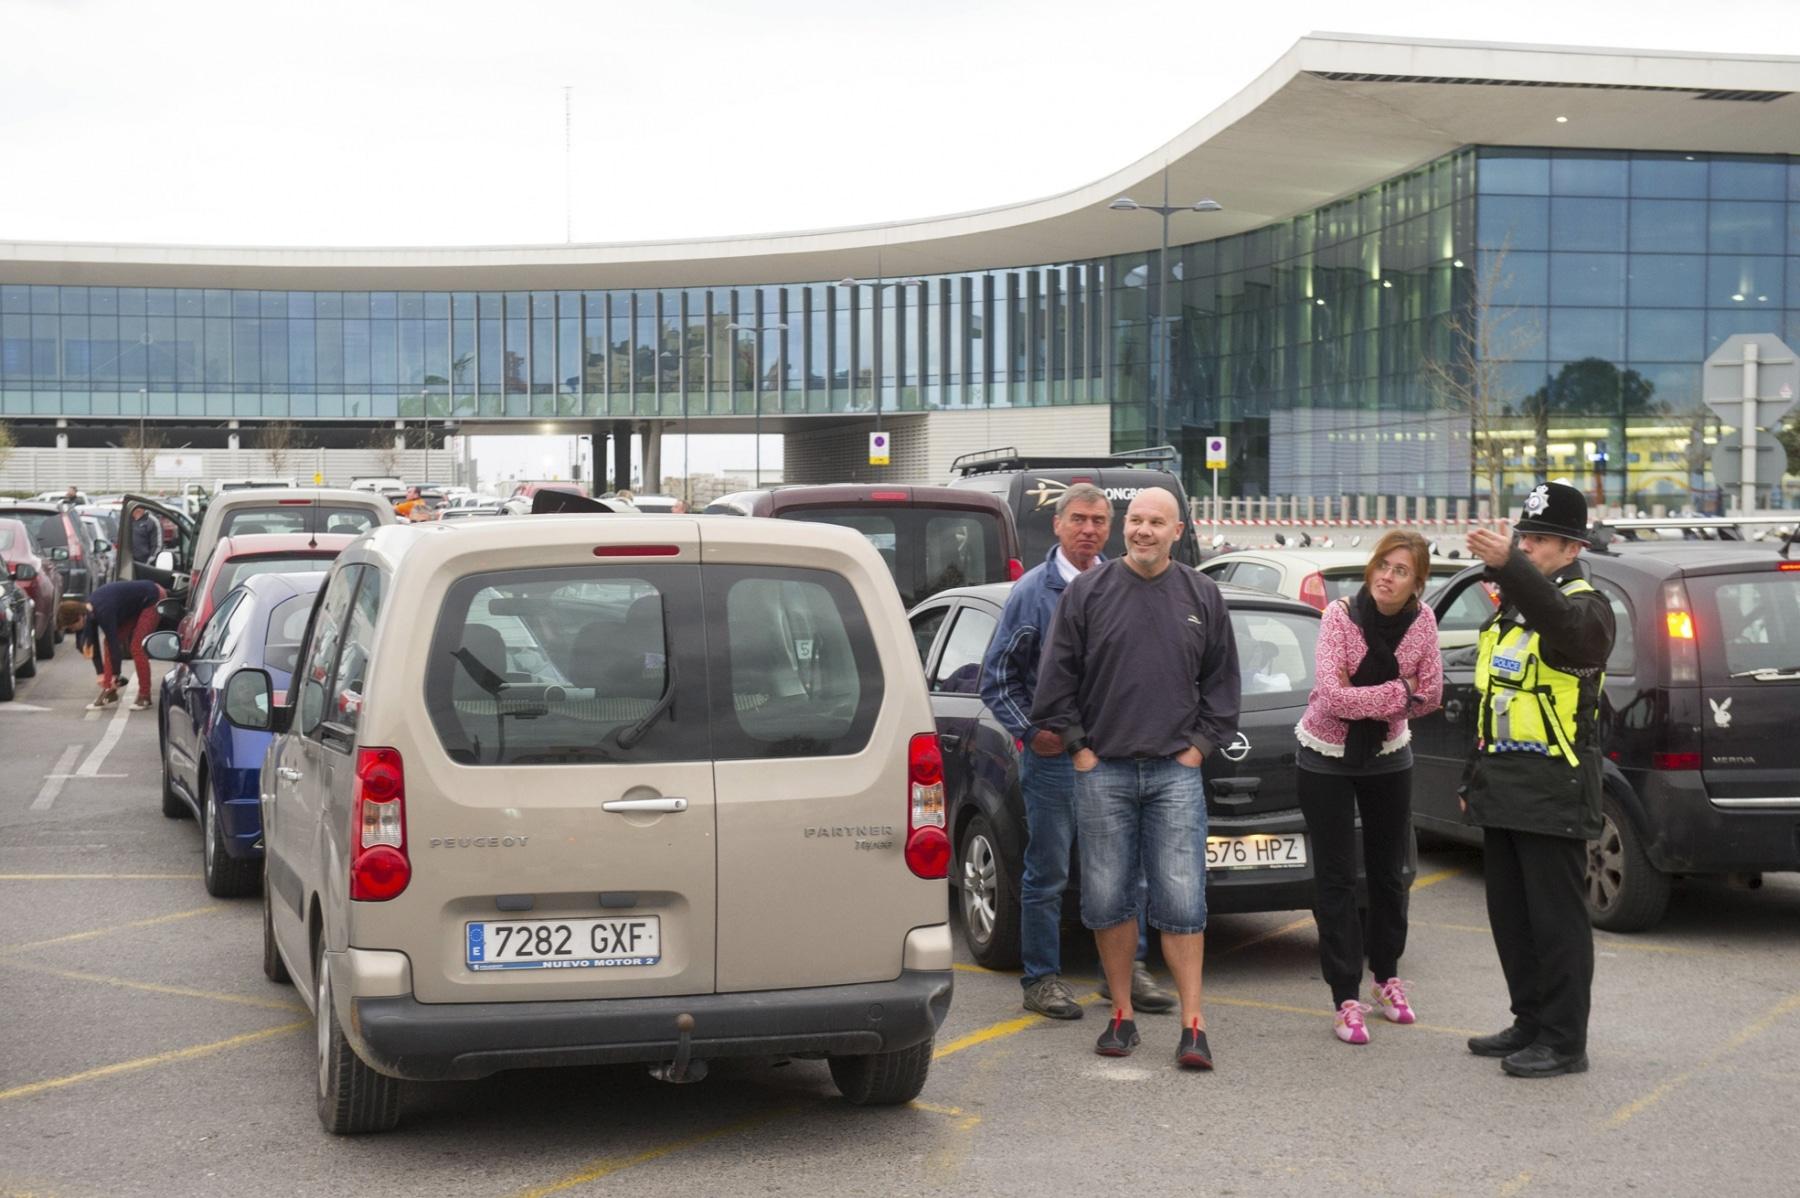 colas-coches-gibraltar-febrero-2014-7_12614288325_o